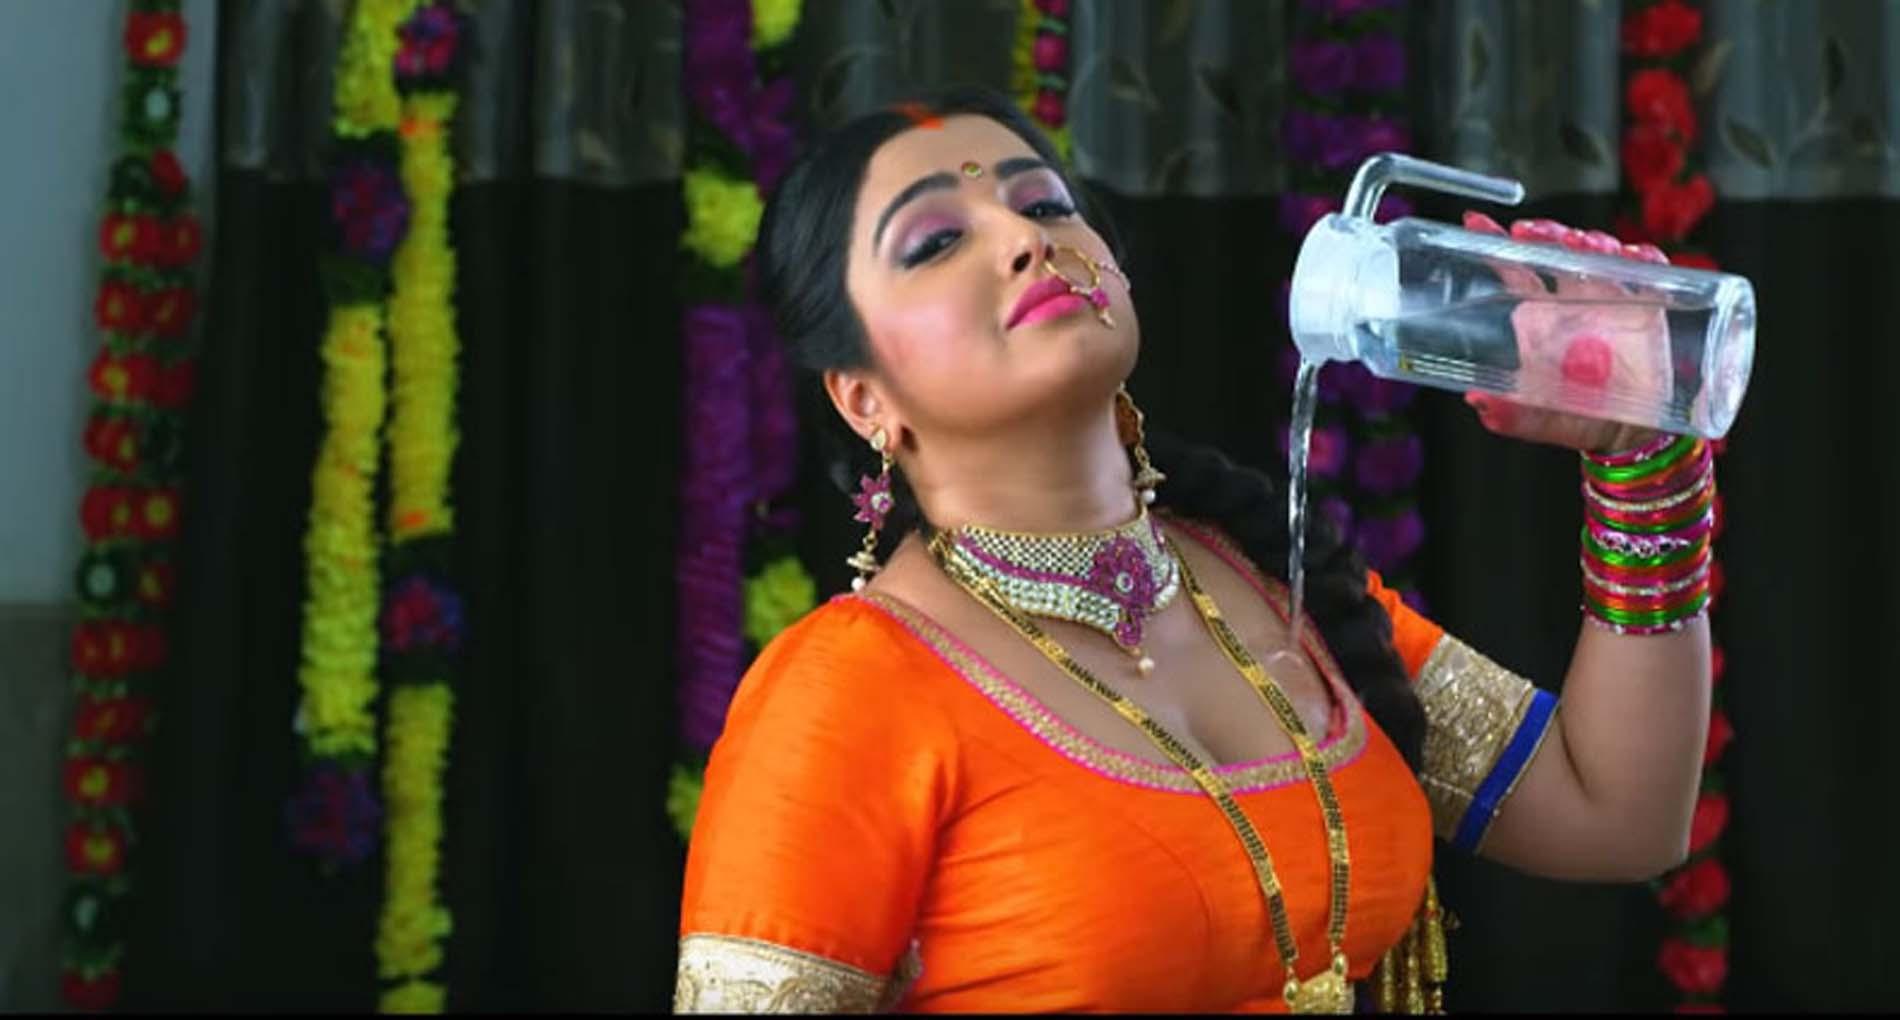 Aamrapali Dubey: जब आम्रपाली दुबे बनी मुन्नी बाई नौटंकीवाली, सीन देख हंसते हंसते पागल हुए फैंस